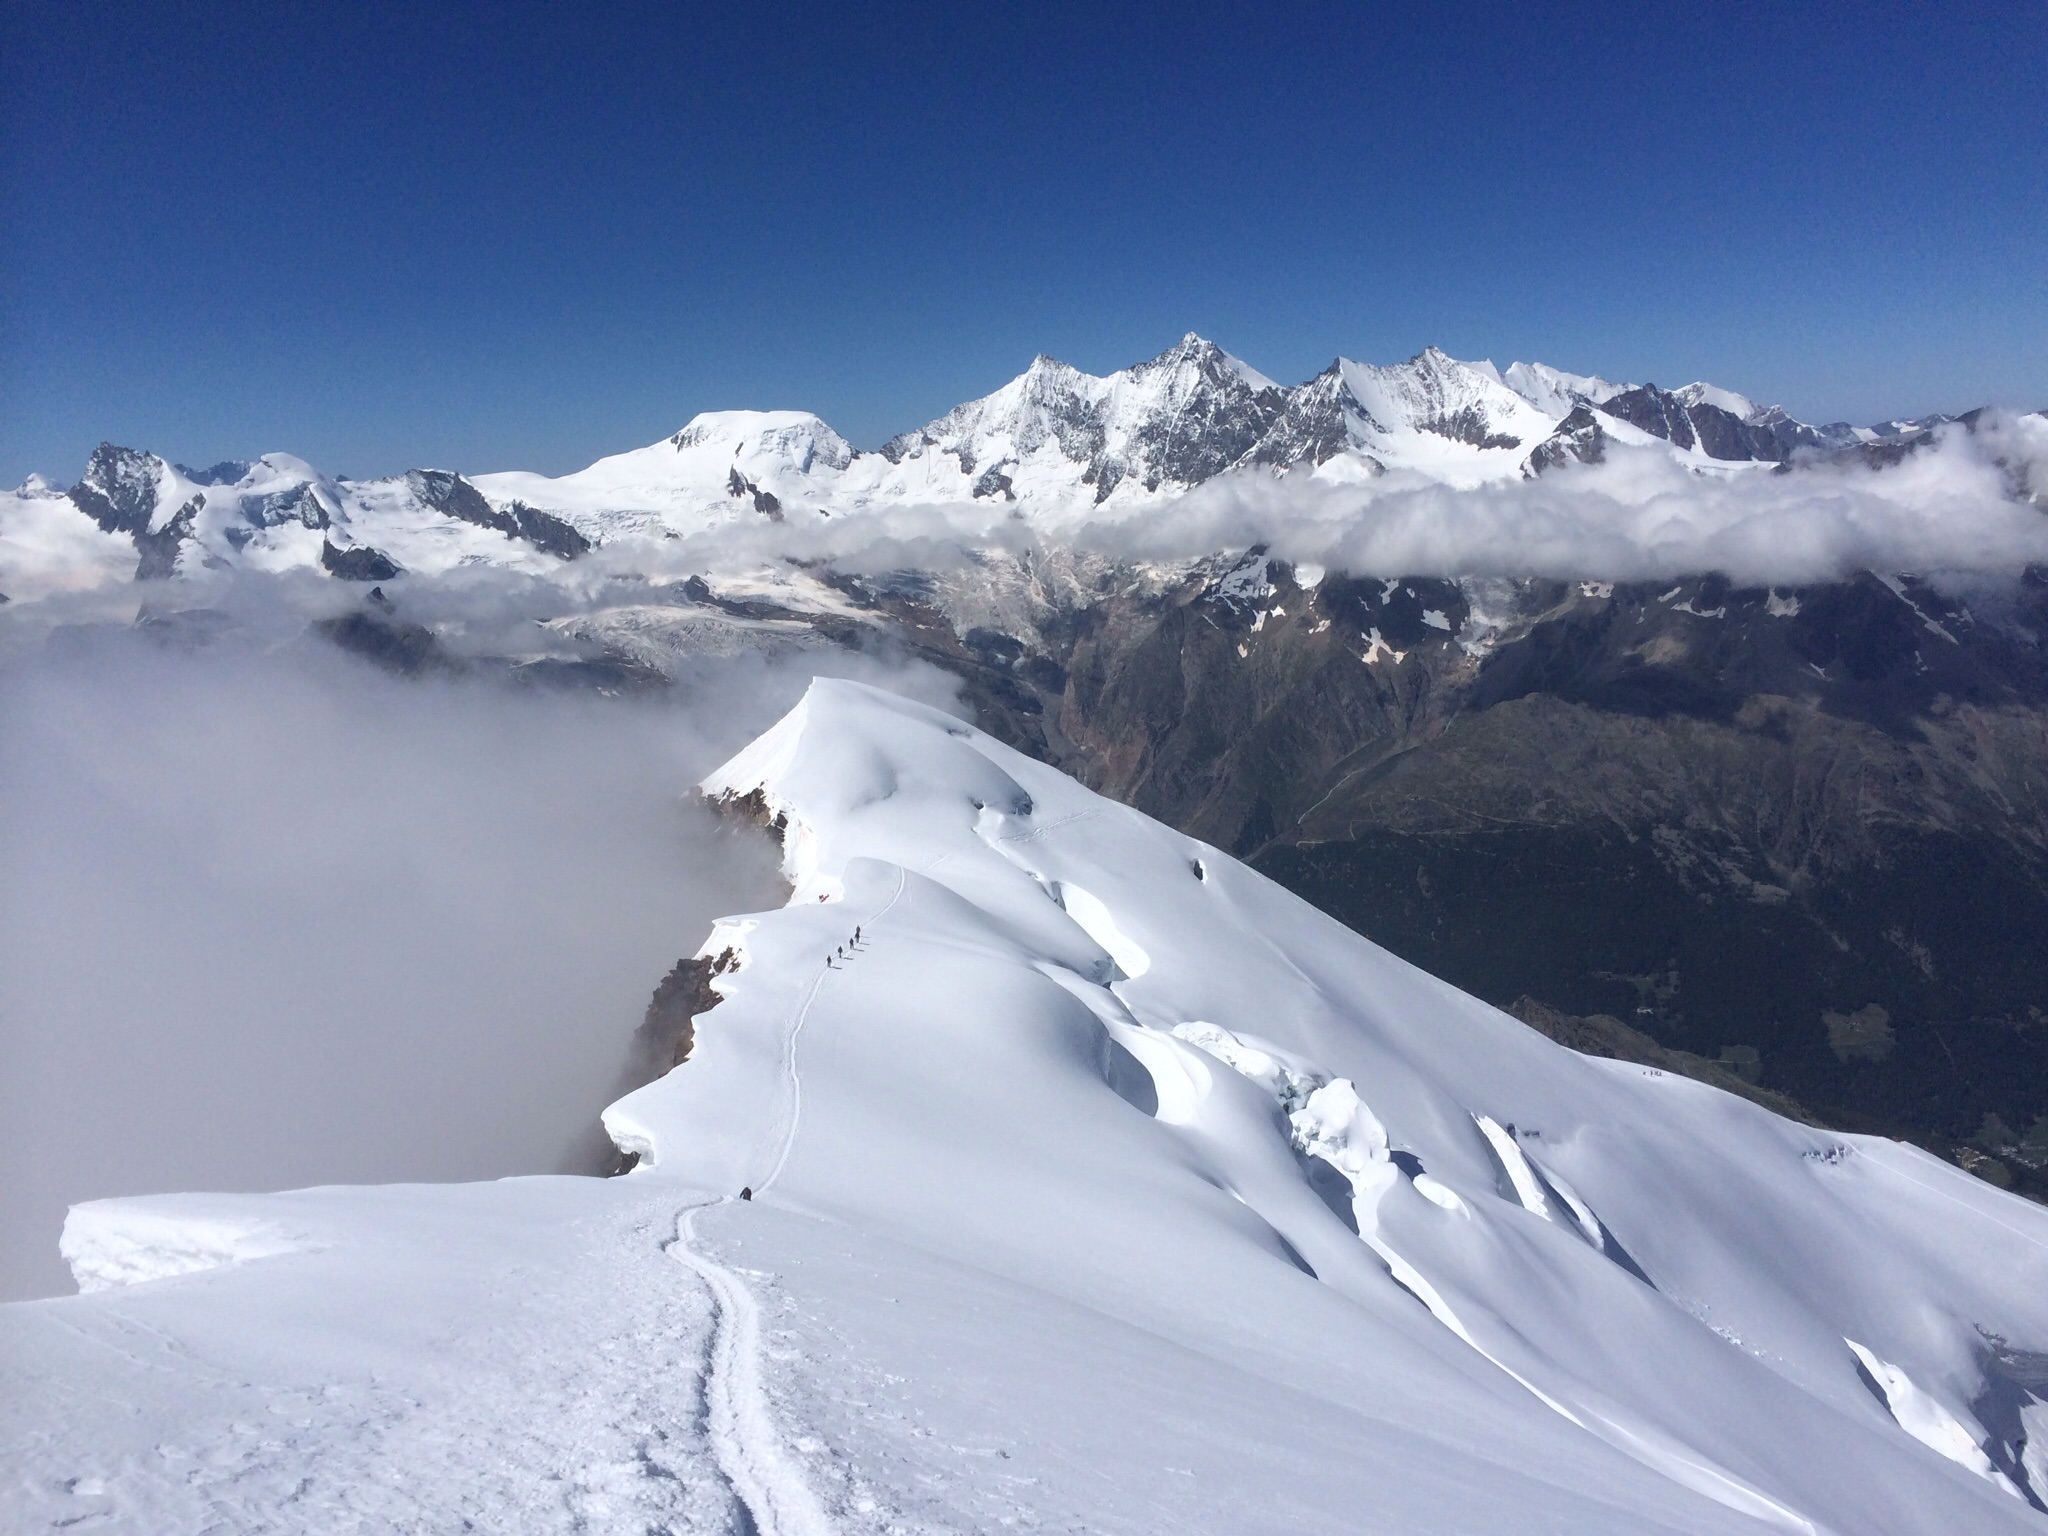 Gipfelblick nach Westen, der Nebel drückt, gewinnt aber nicht